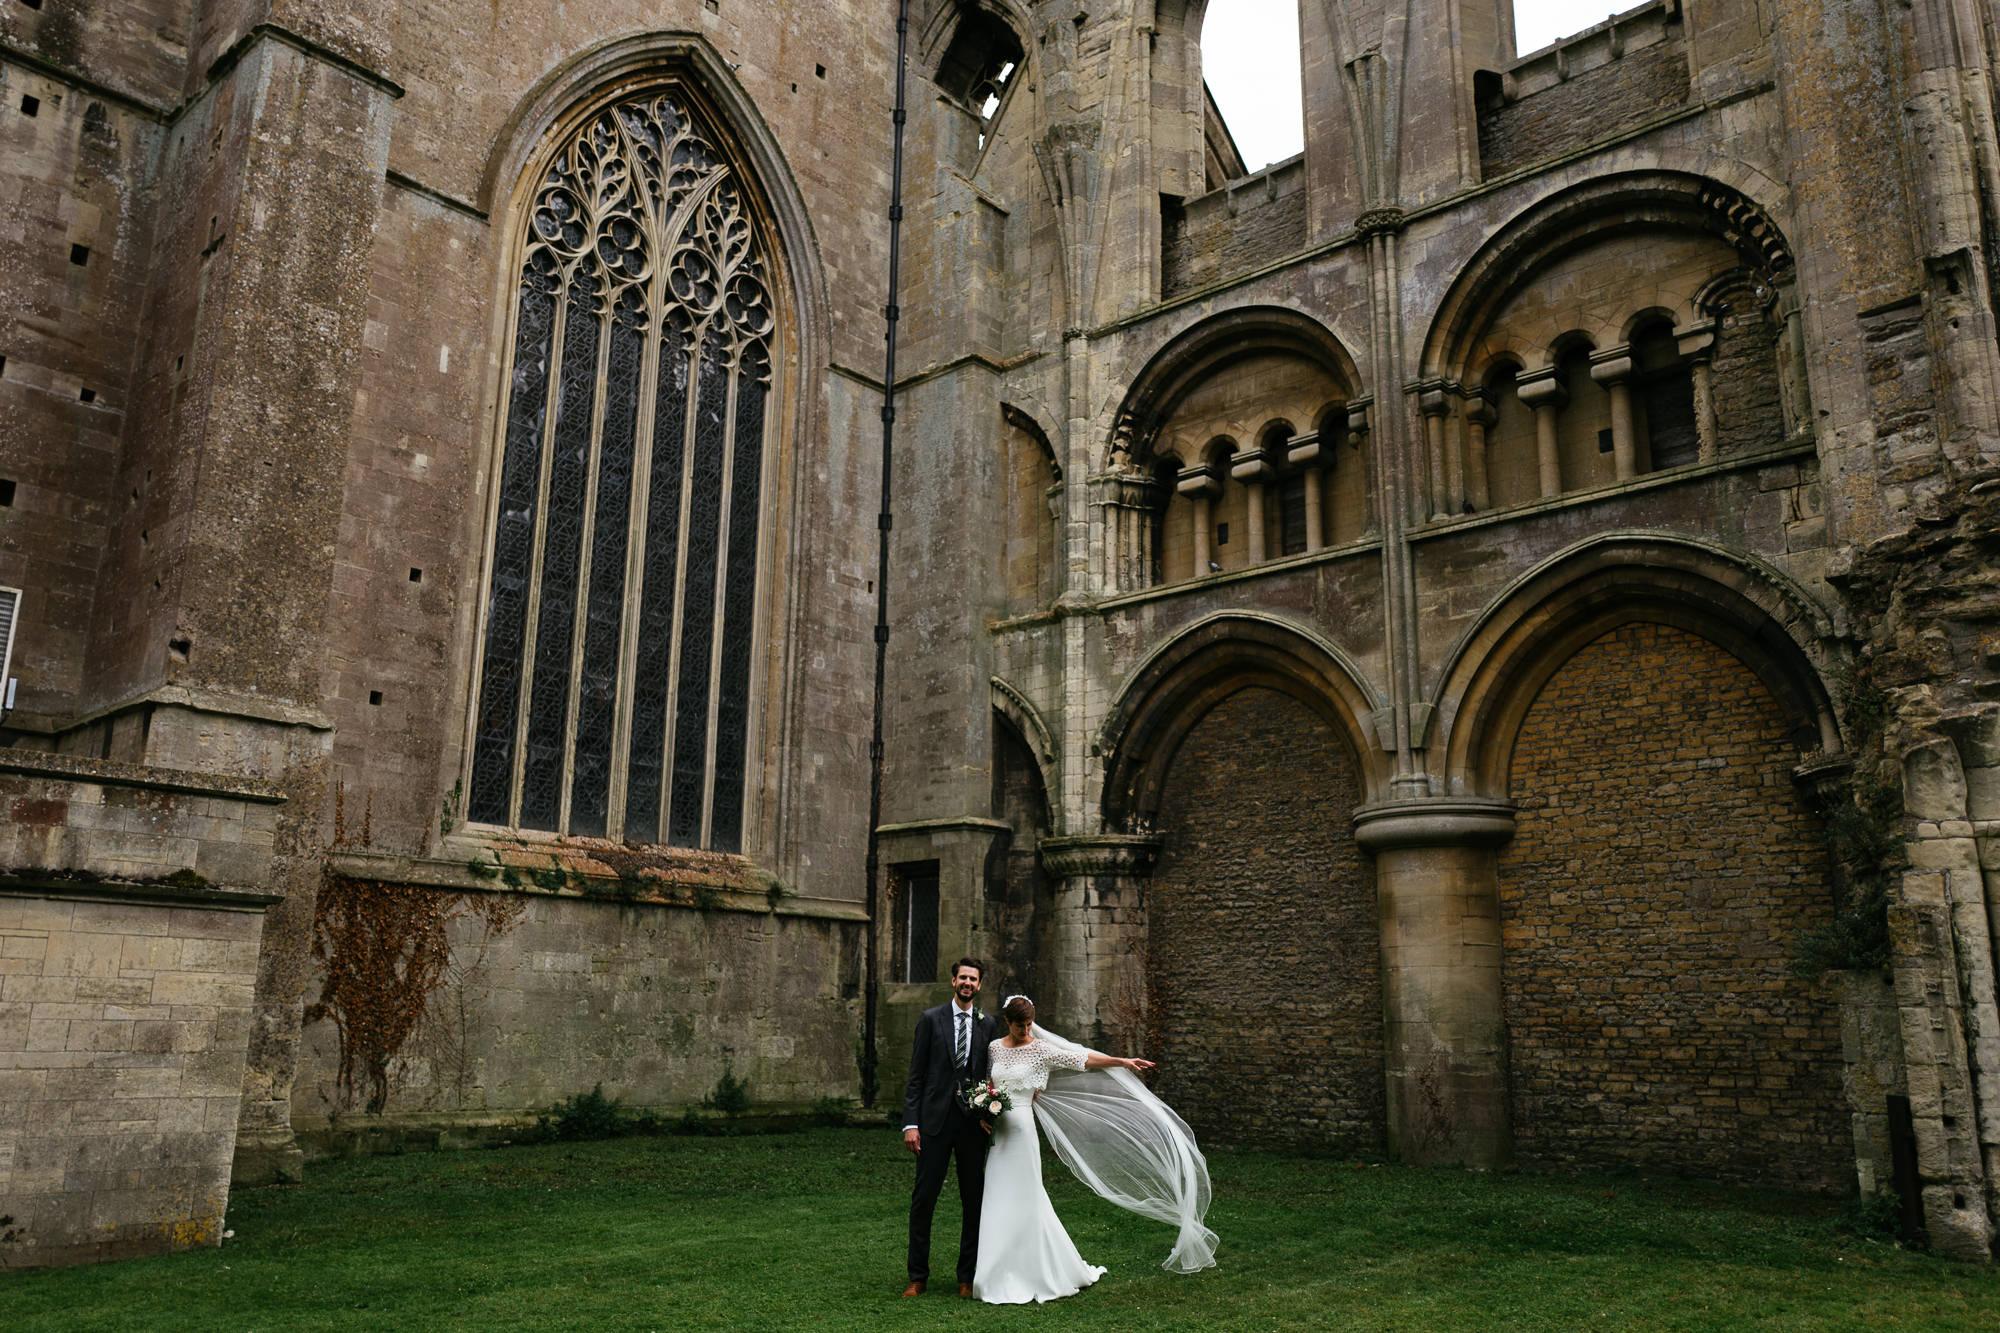 malmsbury-abbey-wedding-47